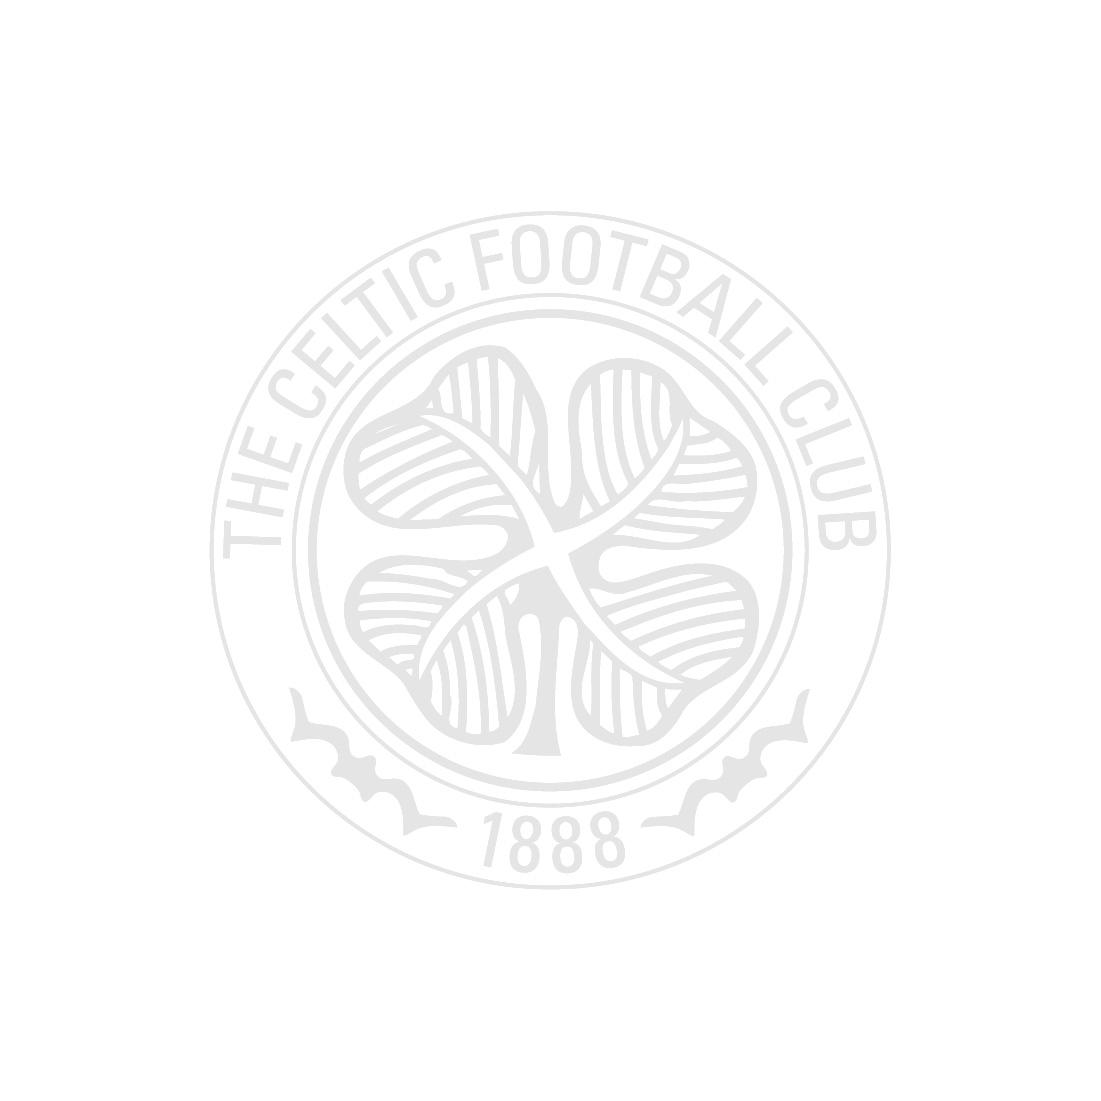 Celtic's No.1 Fan Book